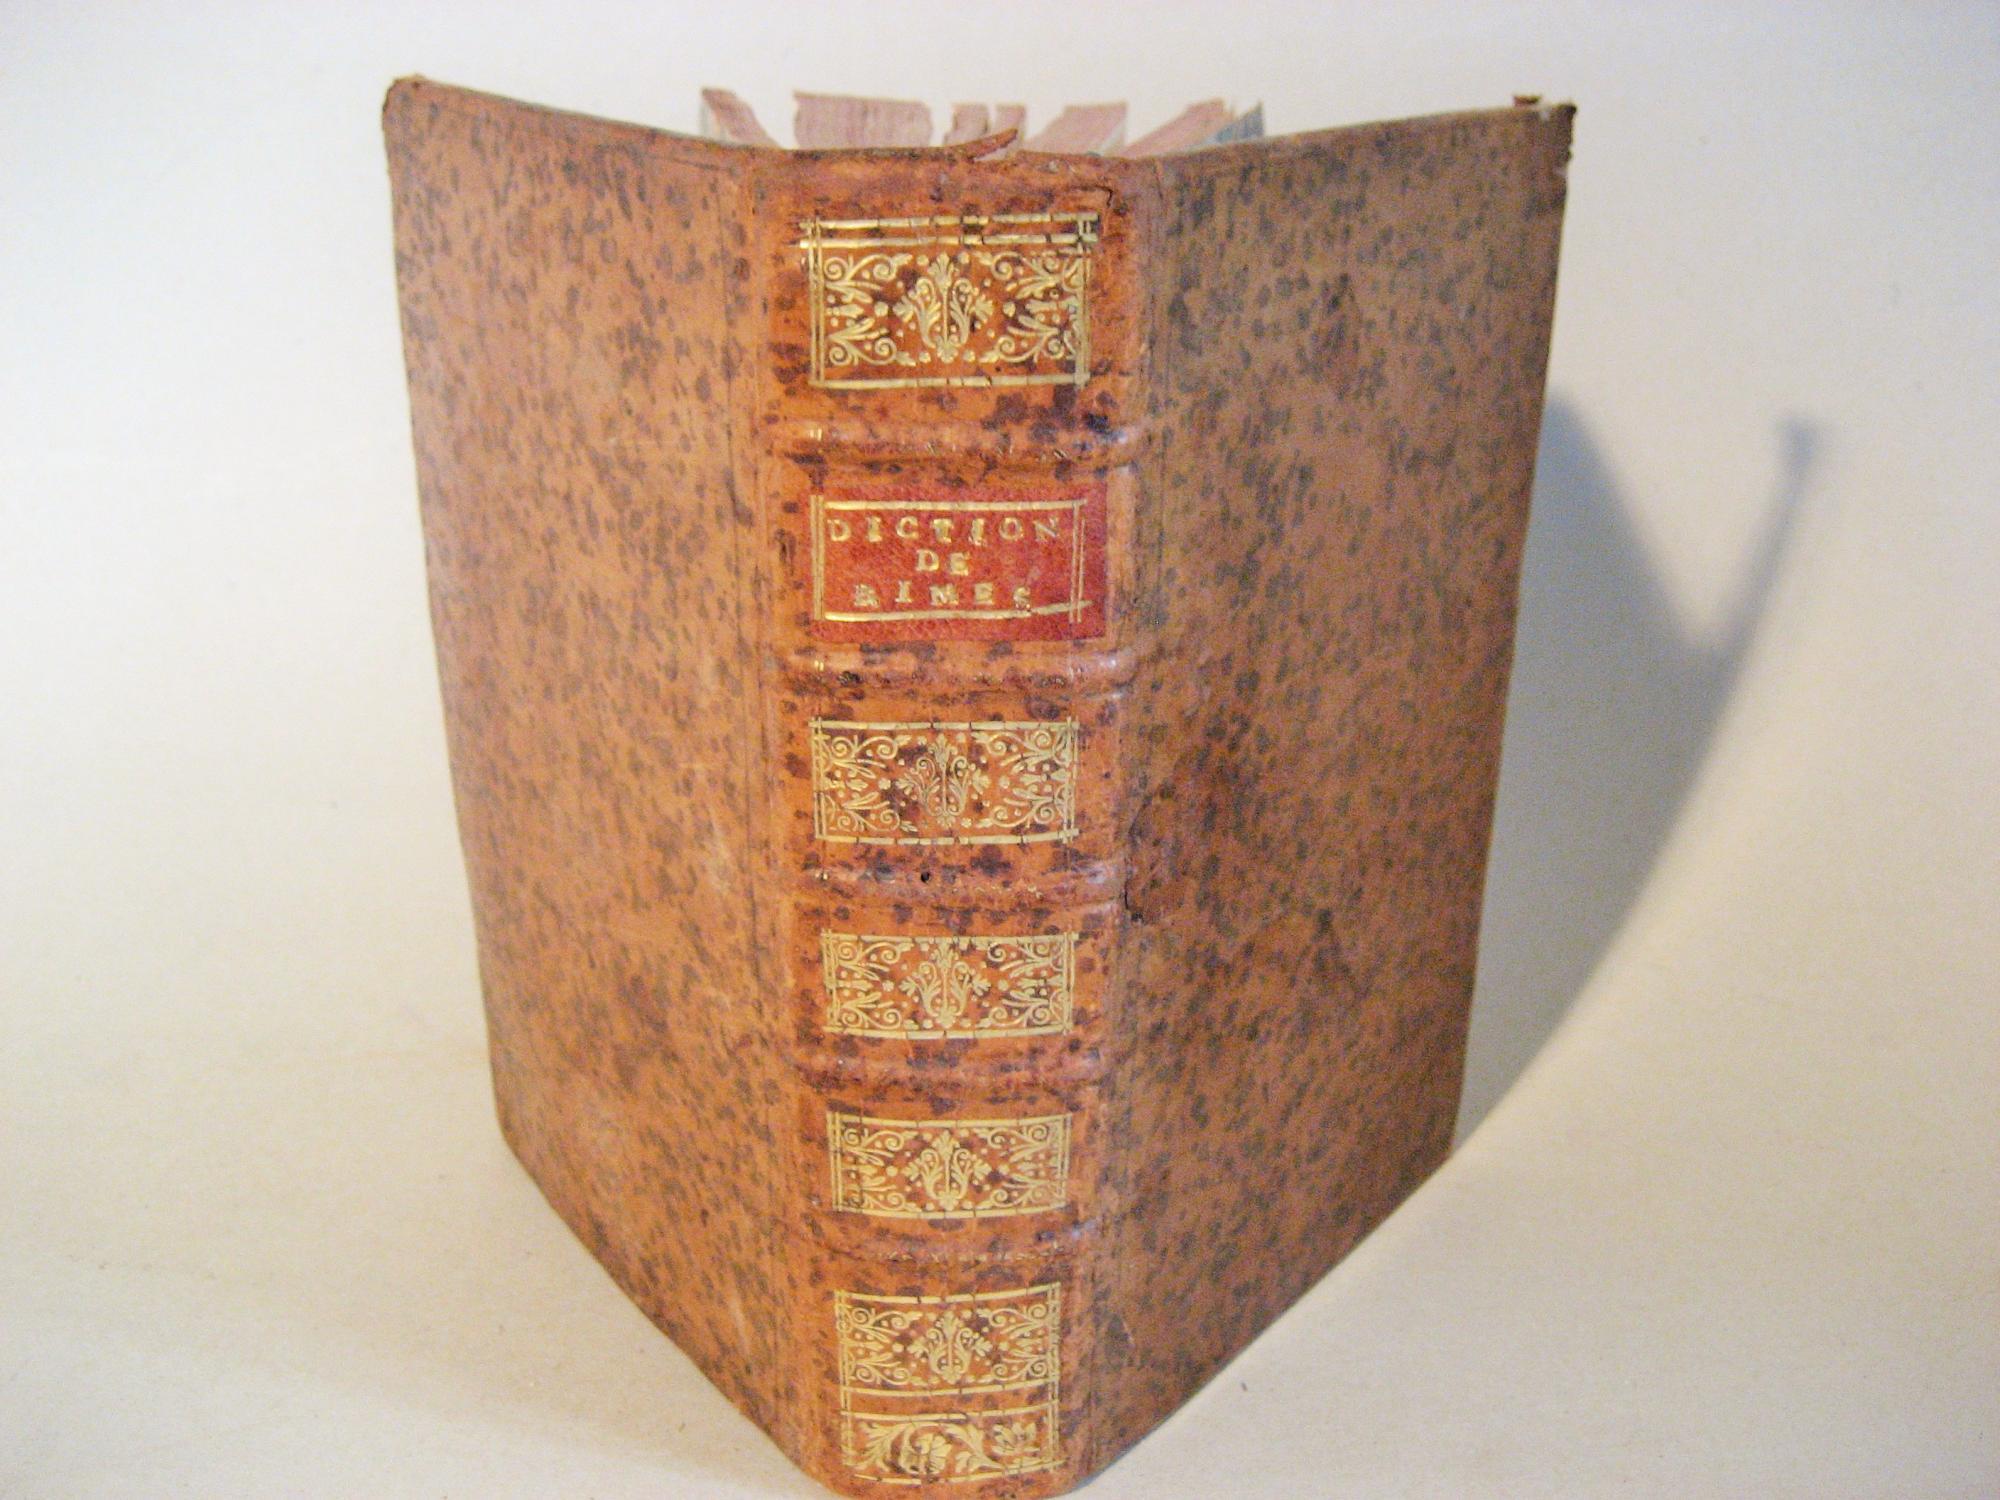 Dictionnaire de rimes RICHELET César-Pierre